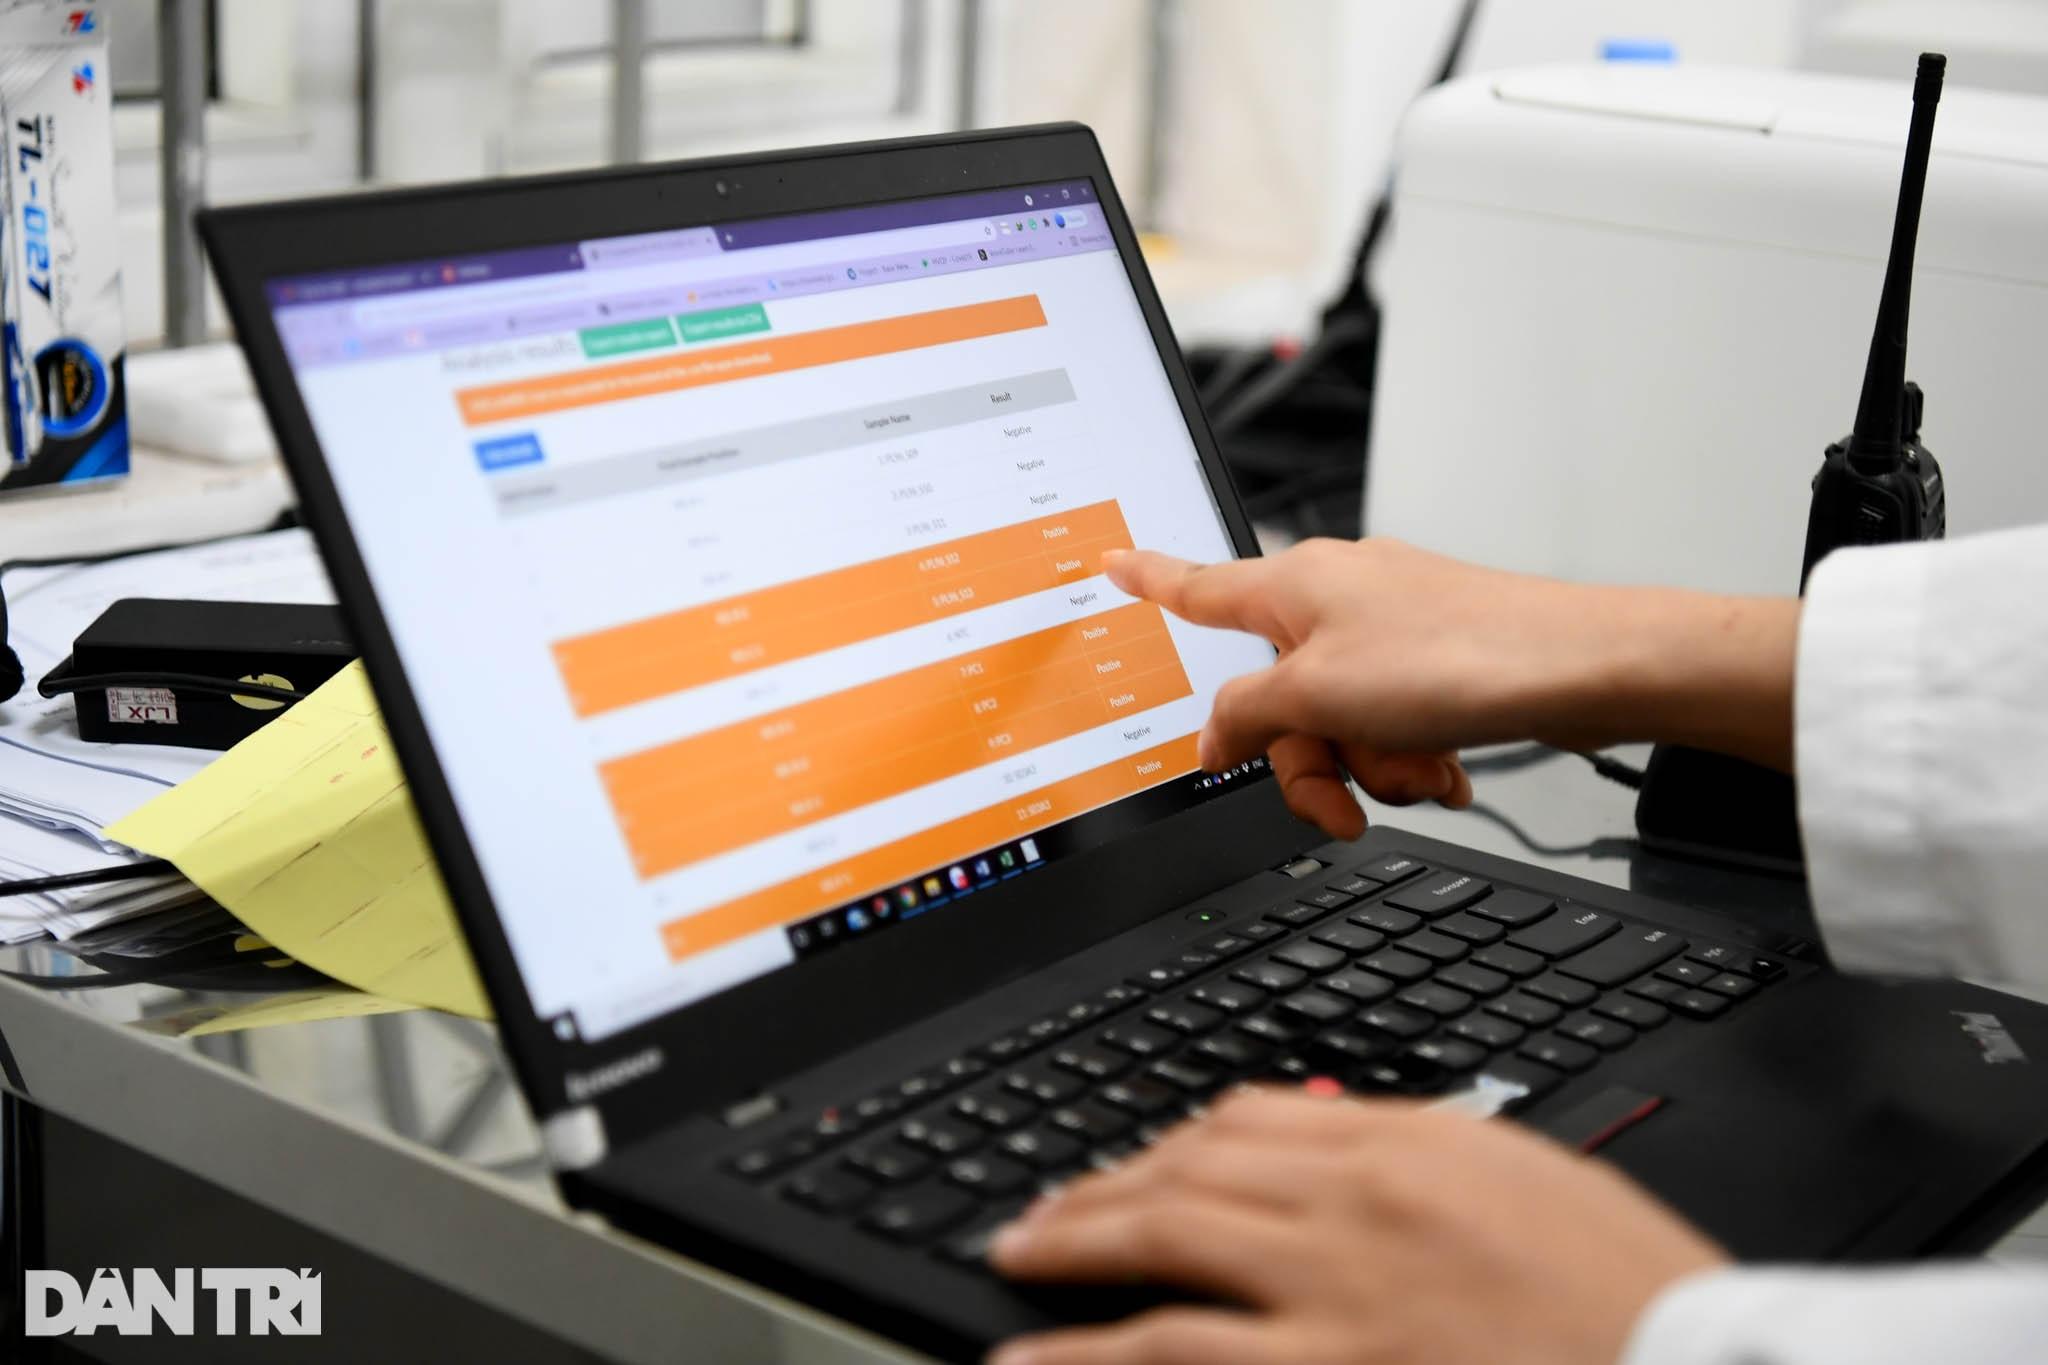 Cận cảnh khu xét nghiệm lớn nhất Việt Nam, cao điểm xử lý 20.000 mẫu/ngày - 18